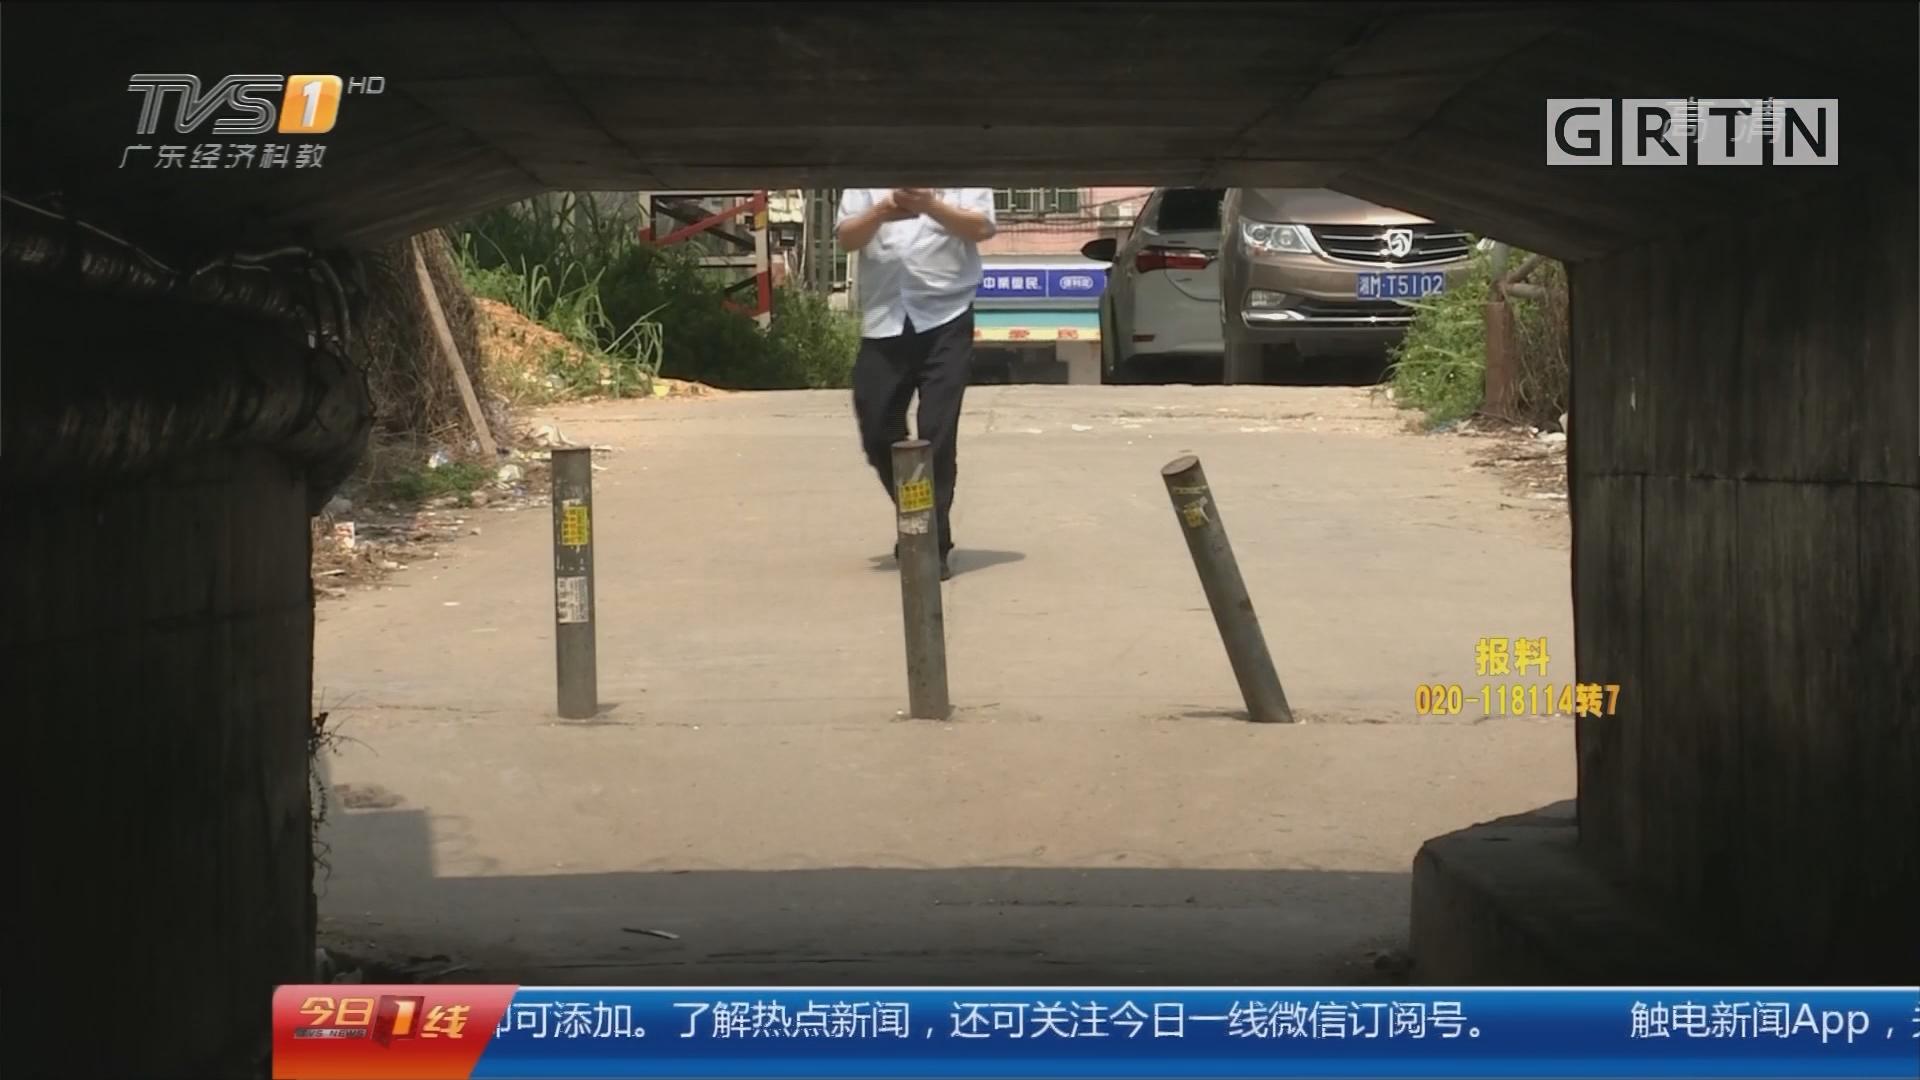 """东莞塘厦:监控盲区实施抢劫 """"天眼""""给力助警擒贼"""